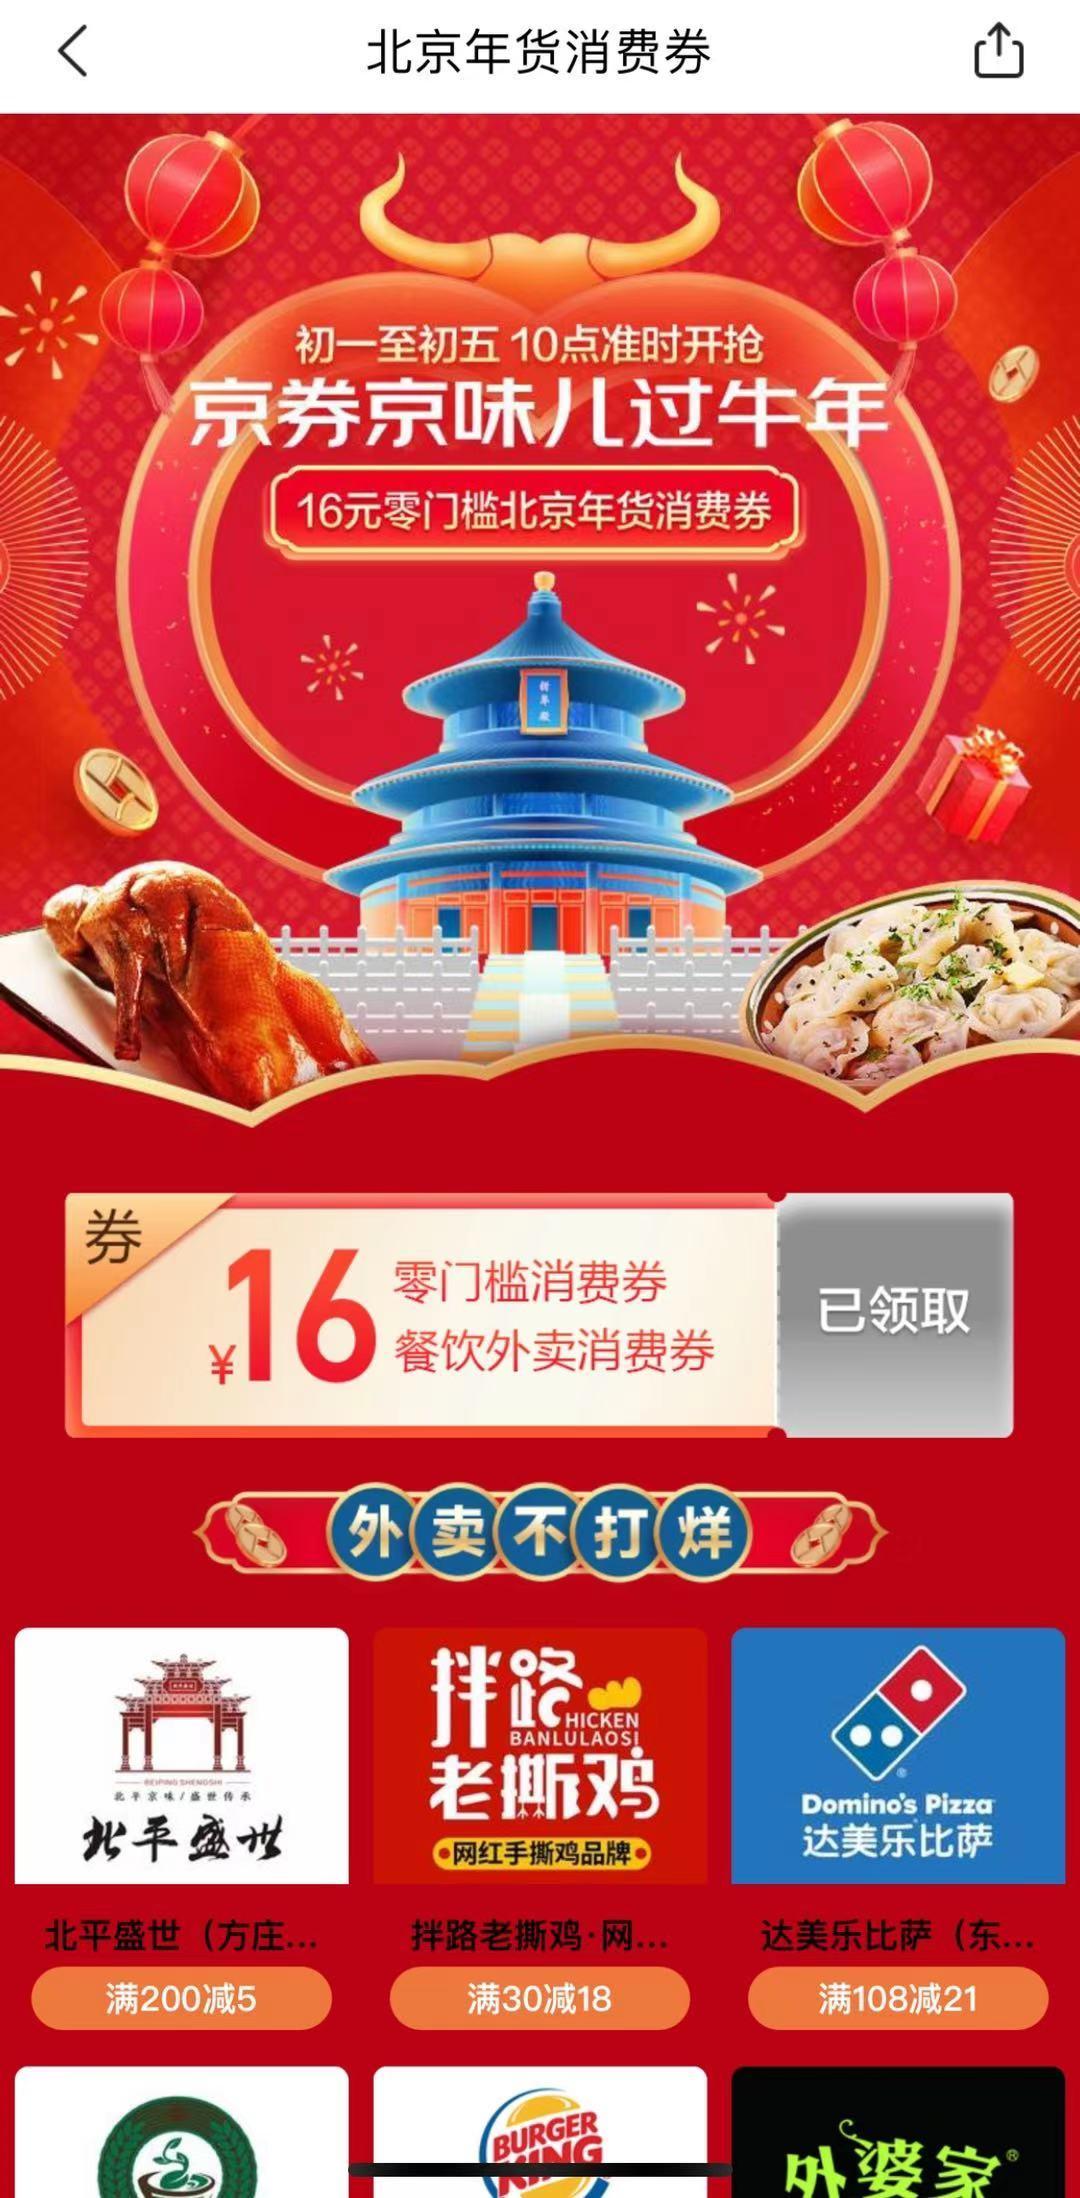 体验北京消费券:零门槛很好用,还有这些实惠快来抢图片